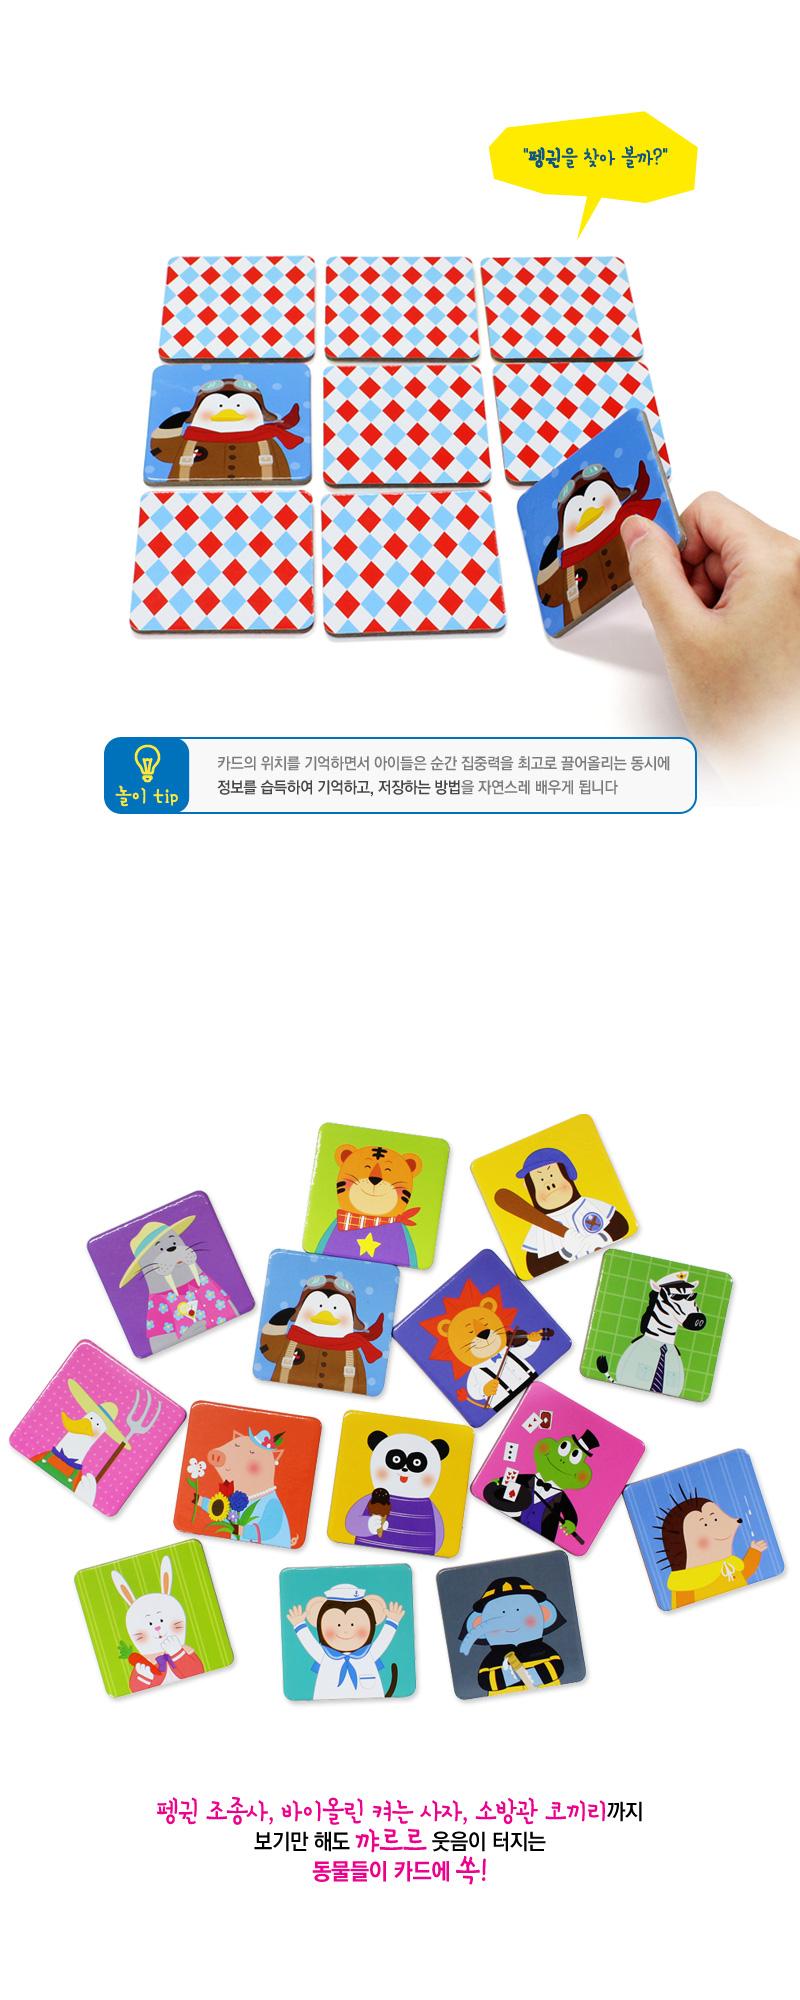 삼성출판사 [퍼즐퍼즐] 동물 매칭 카드